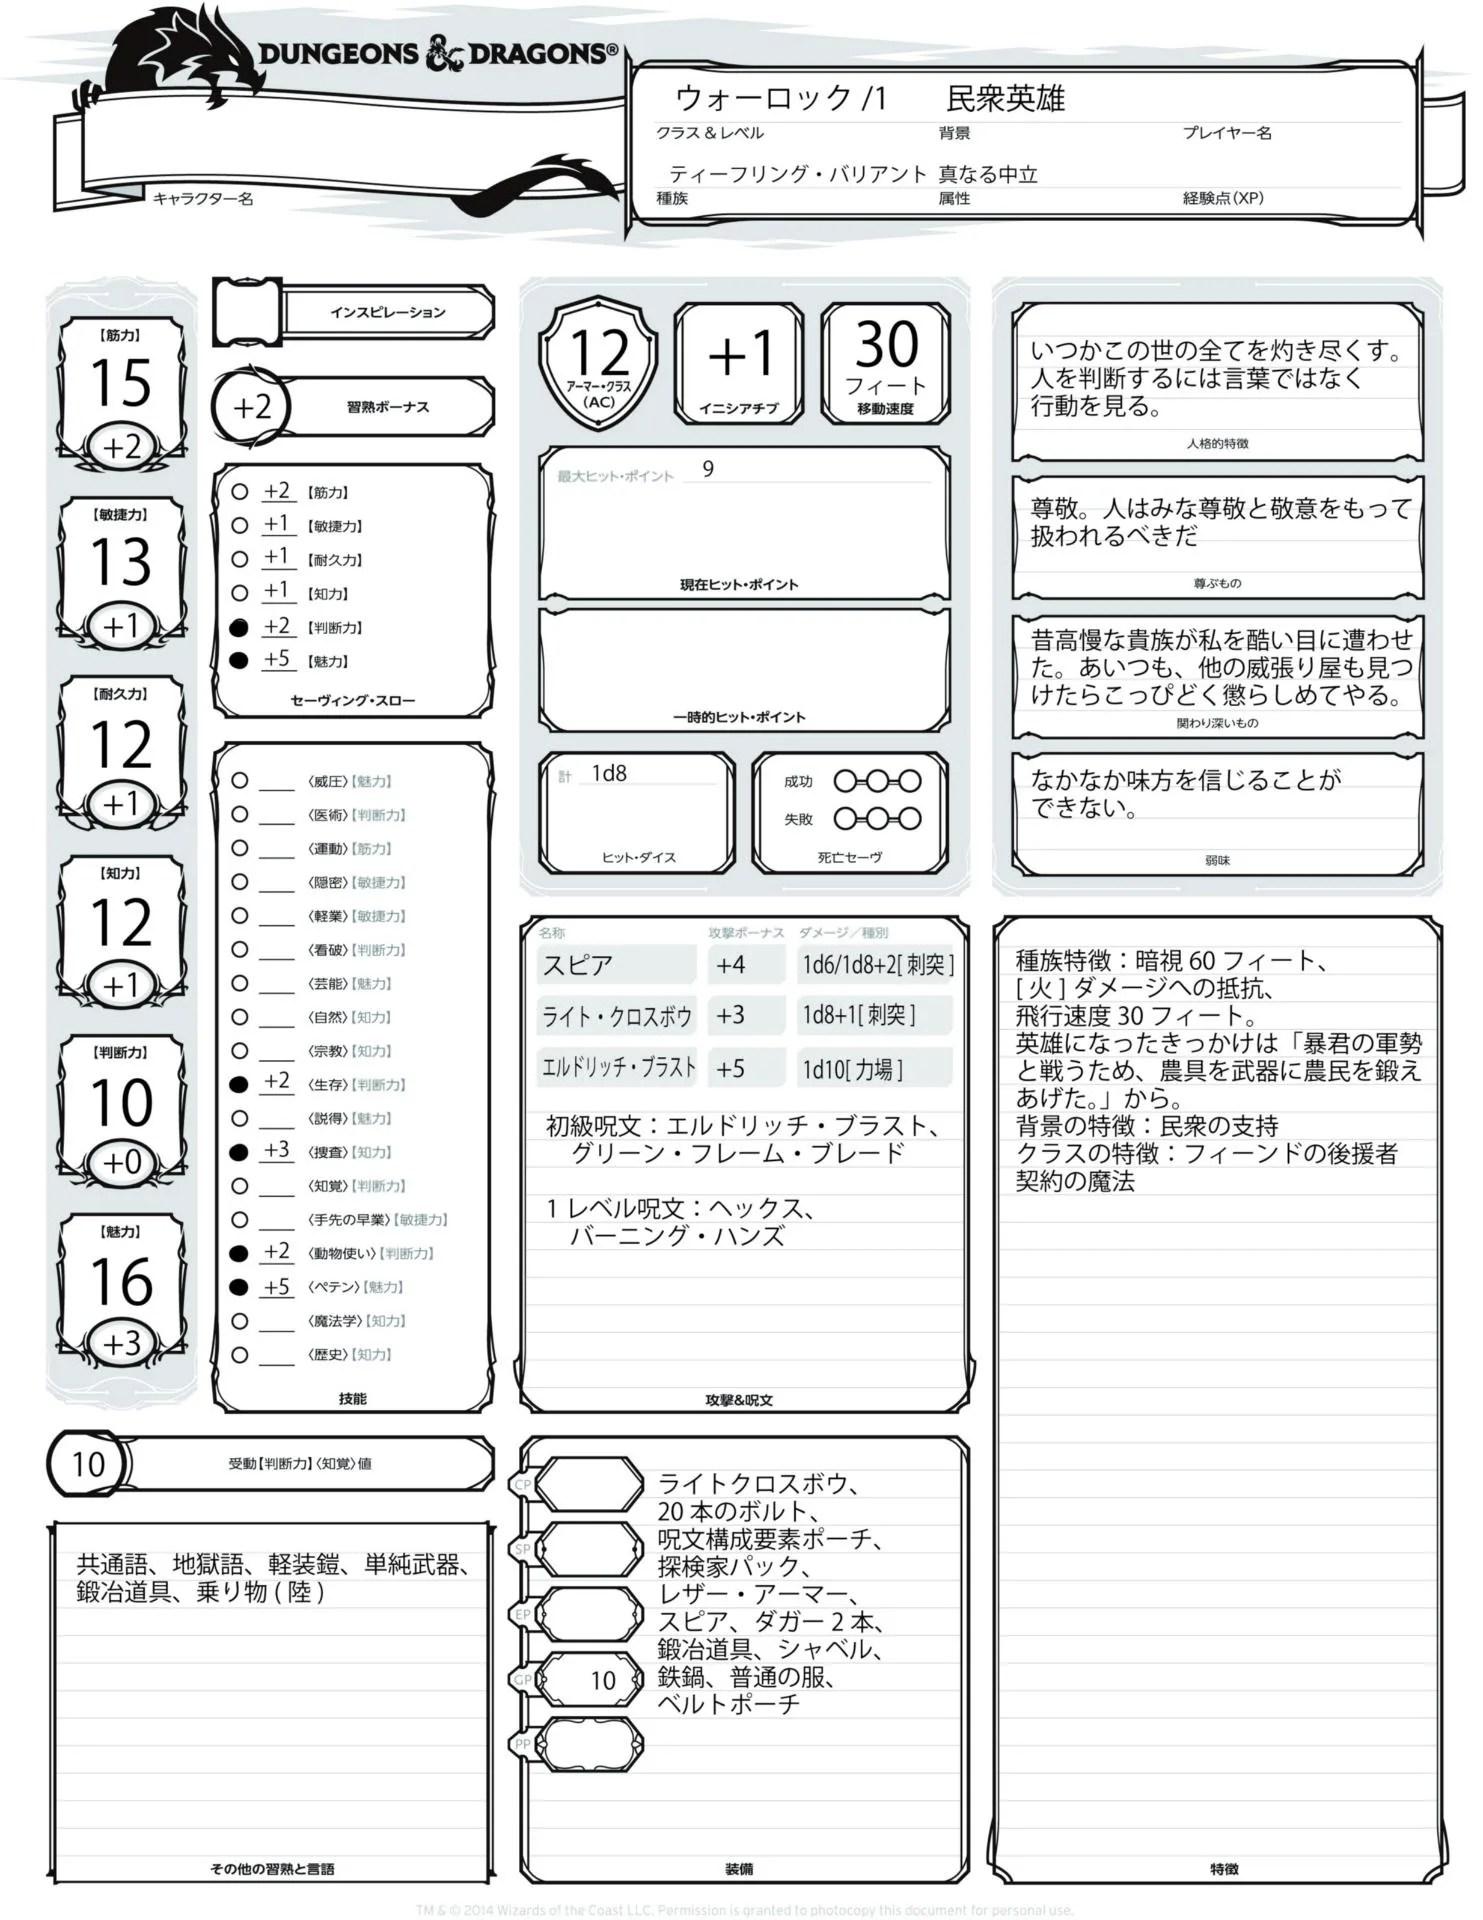 [ベスト] キャラクター 設定 シート - Fuutou-sozai